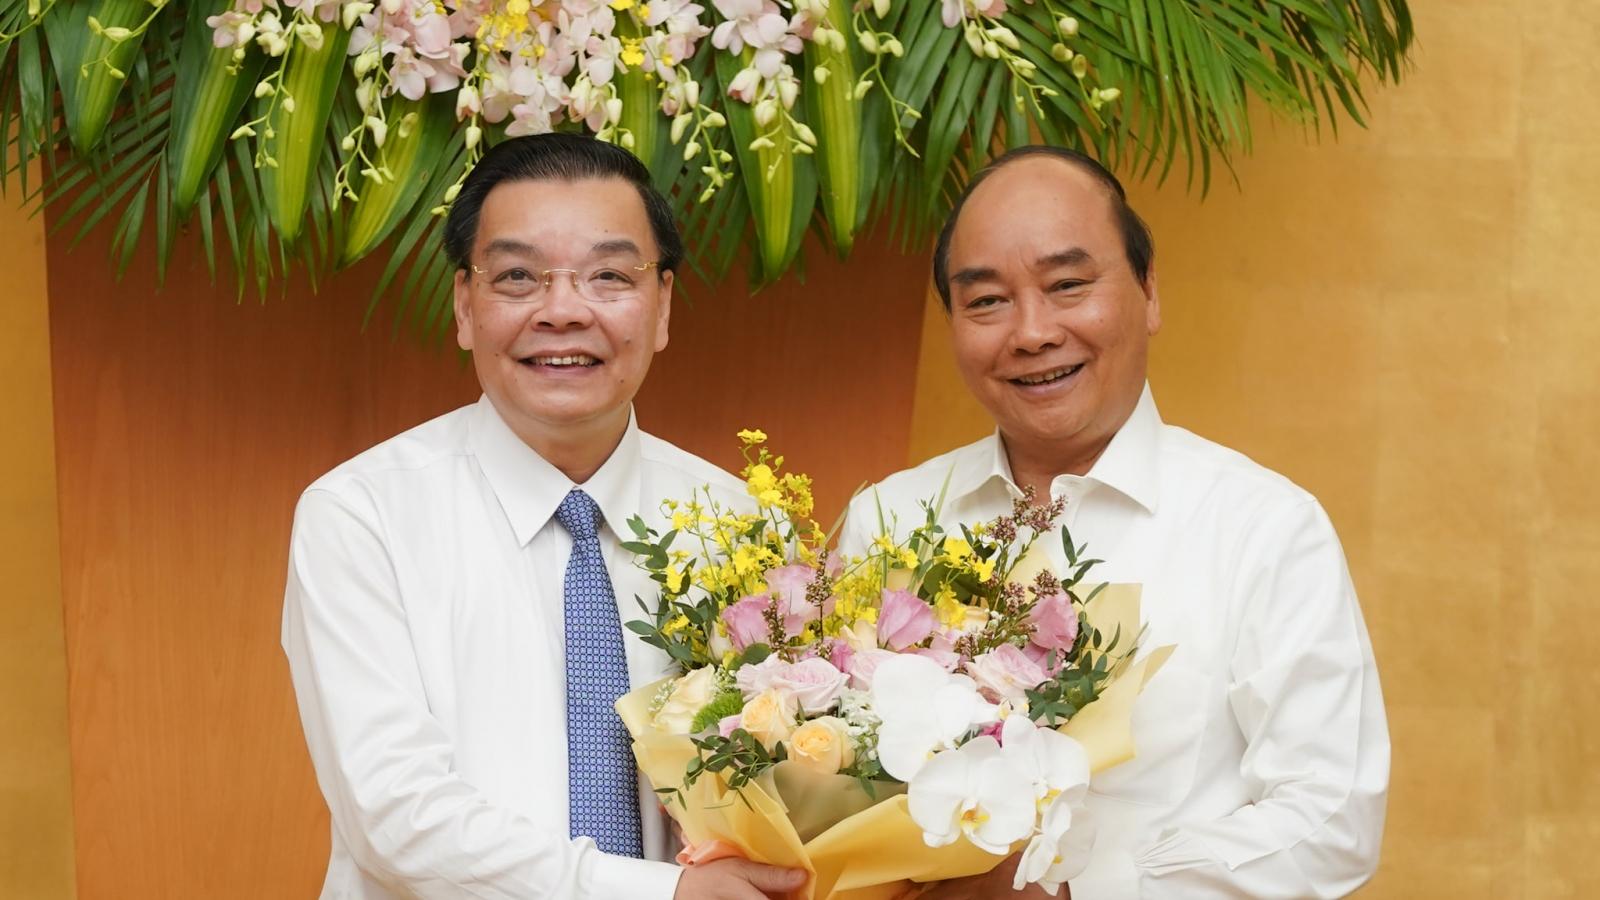 Thủ tướng chúc mừng tân Chủ tịch Hà Nội nhận nhiệm vụ mới